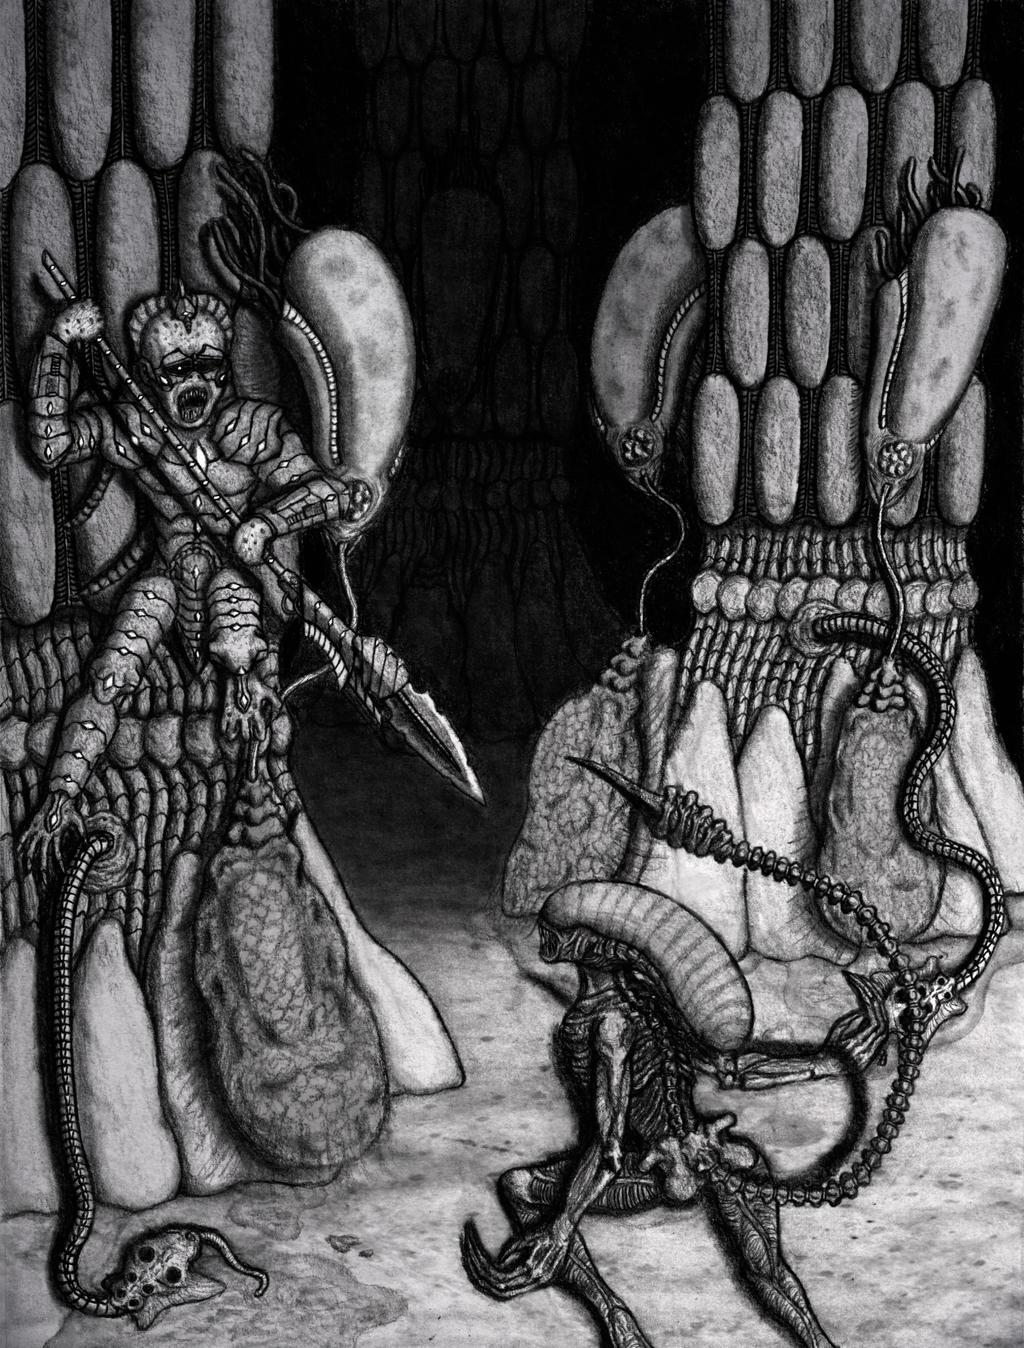 Alien Hive Battle Scene by Pyramiddhead on DeviantArt